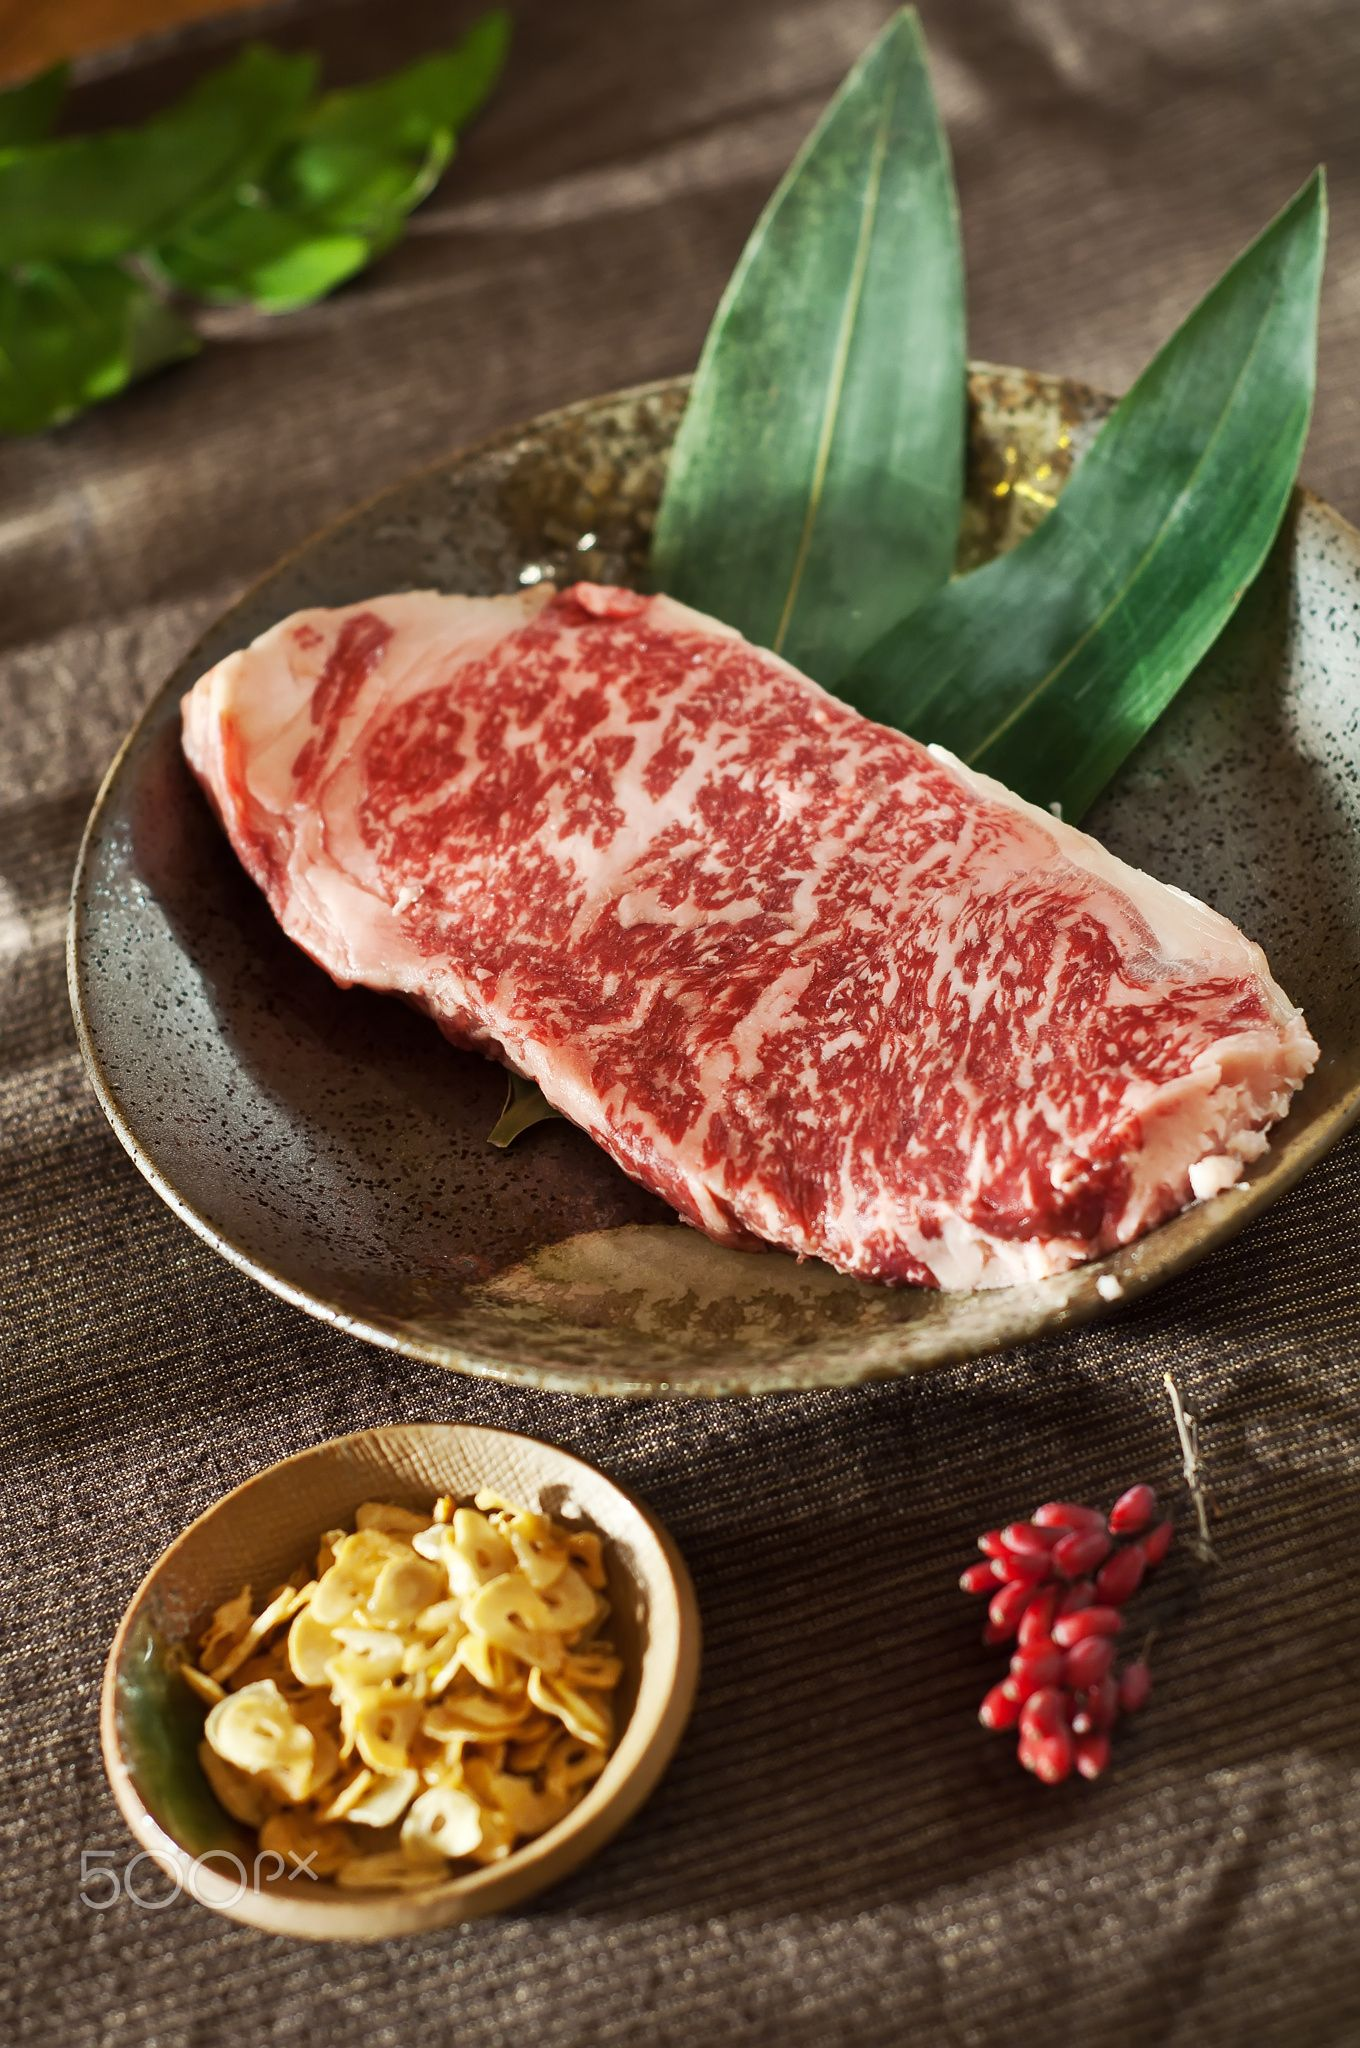 Raw Fresh Marbled Meat Black Angus Steak Japanese Kobe Beef Marbled Meat Kobe Beef Marbled Beef